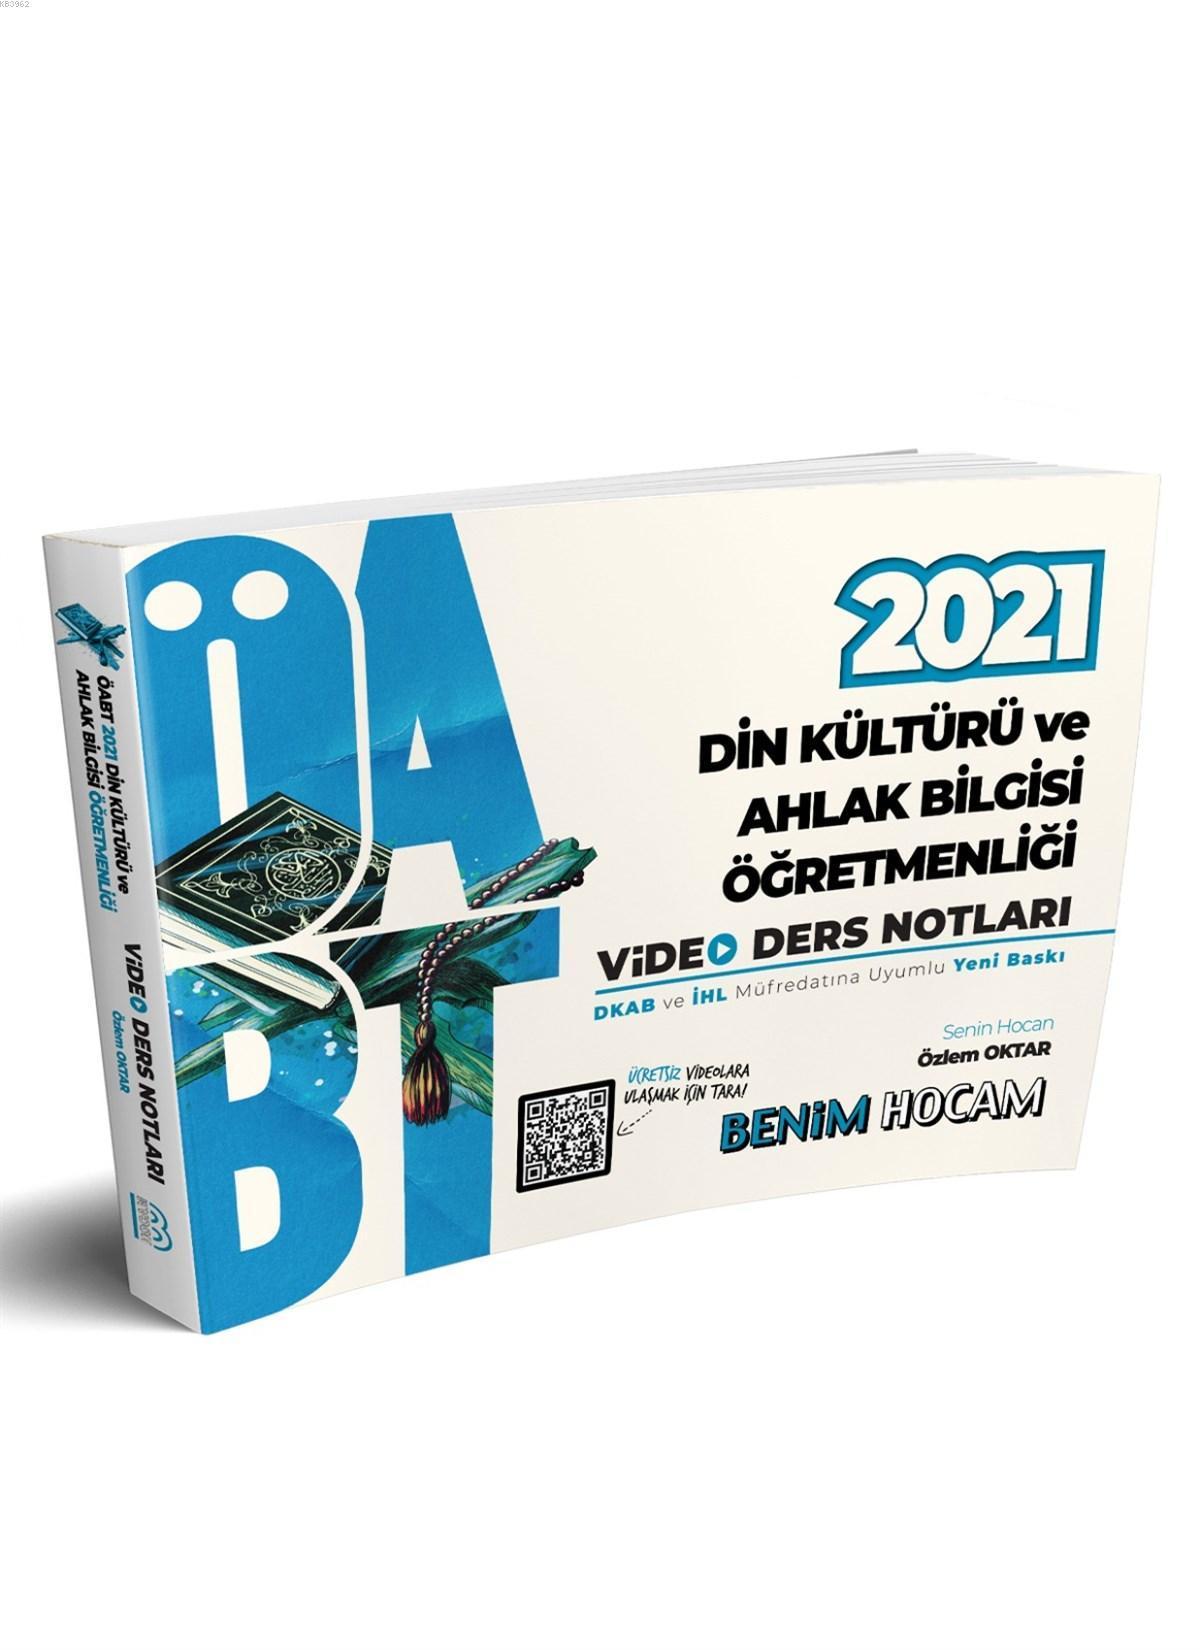 2021 ÖABT Din Kültürü ve Ahlak Bilgisi Öğretmenliği Video Ders Notları Benim Hocam Yayınları